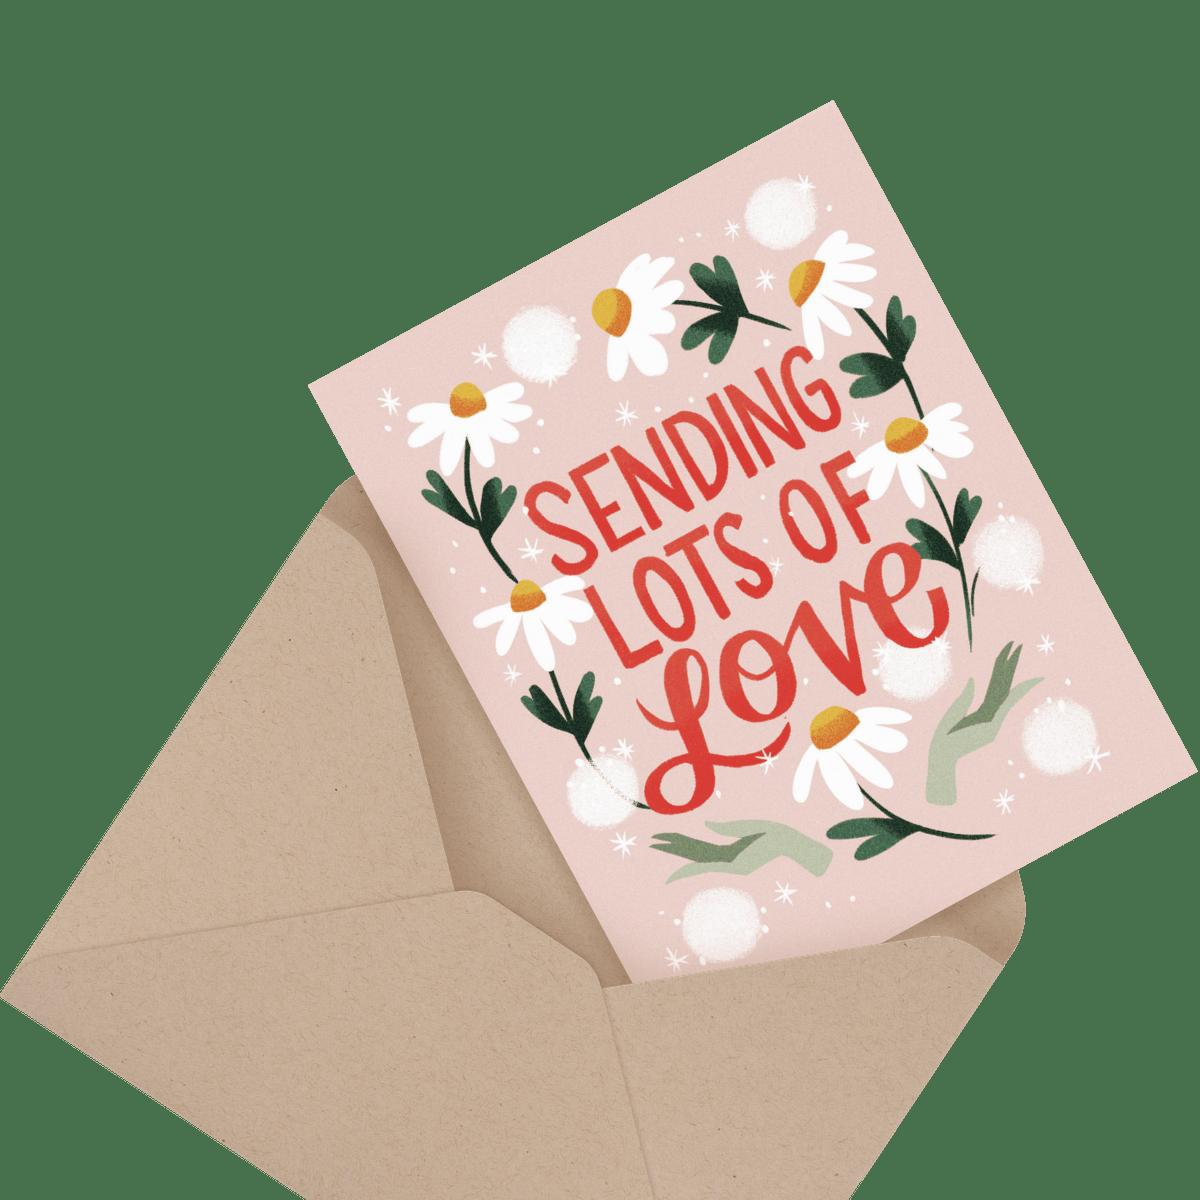 Sending lot's of love card